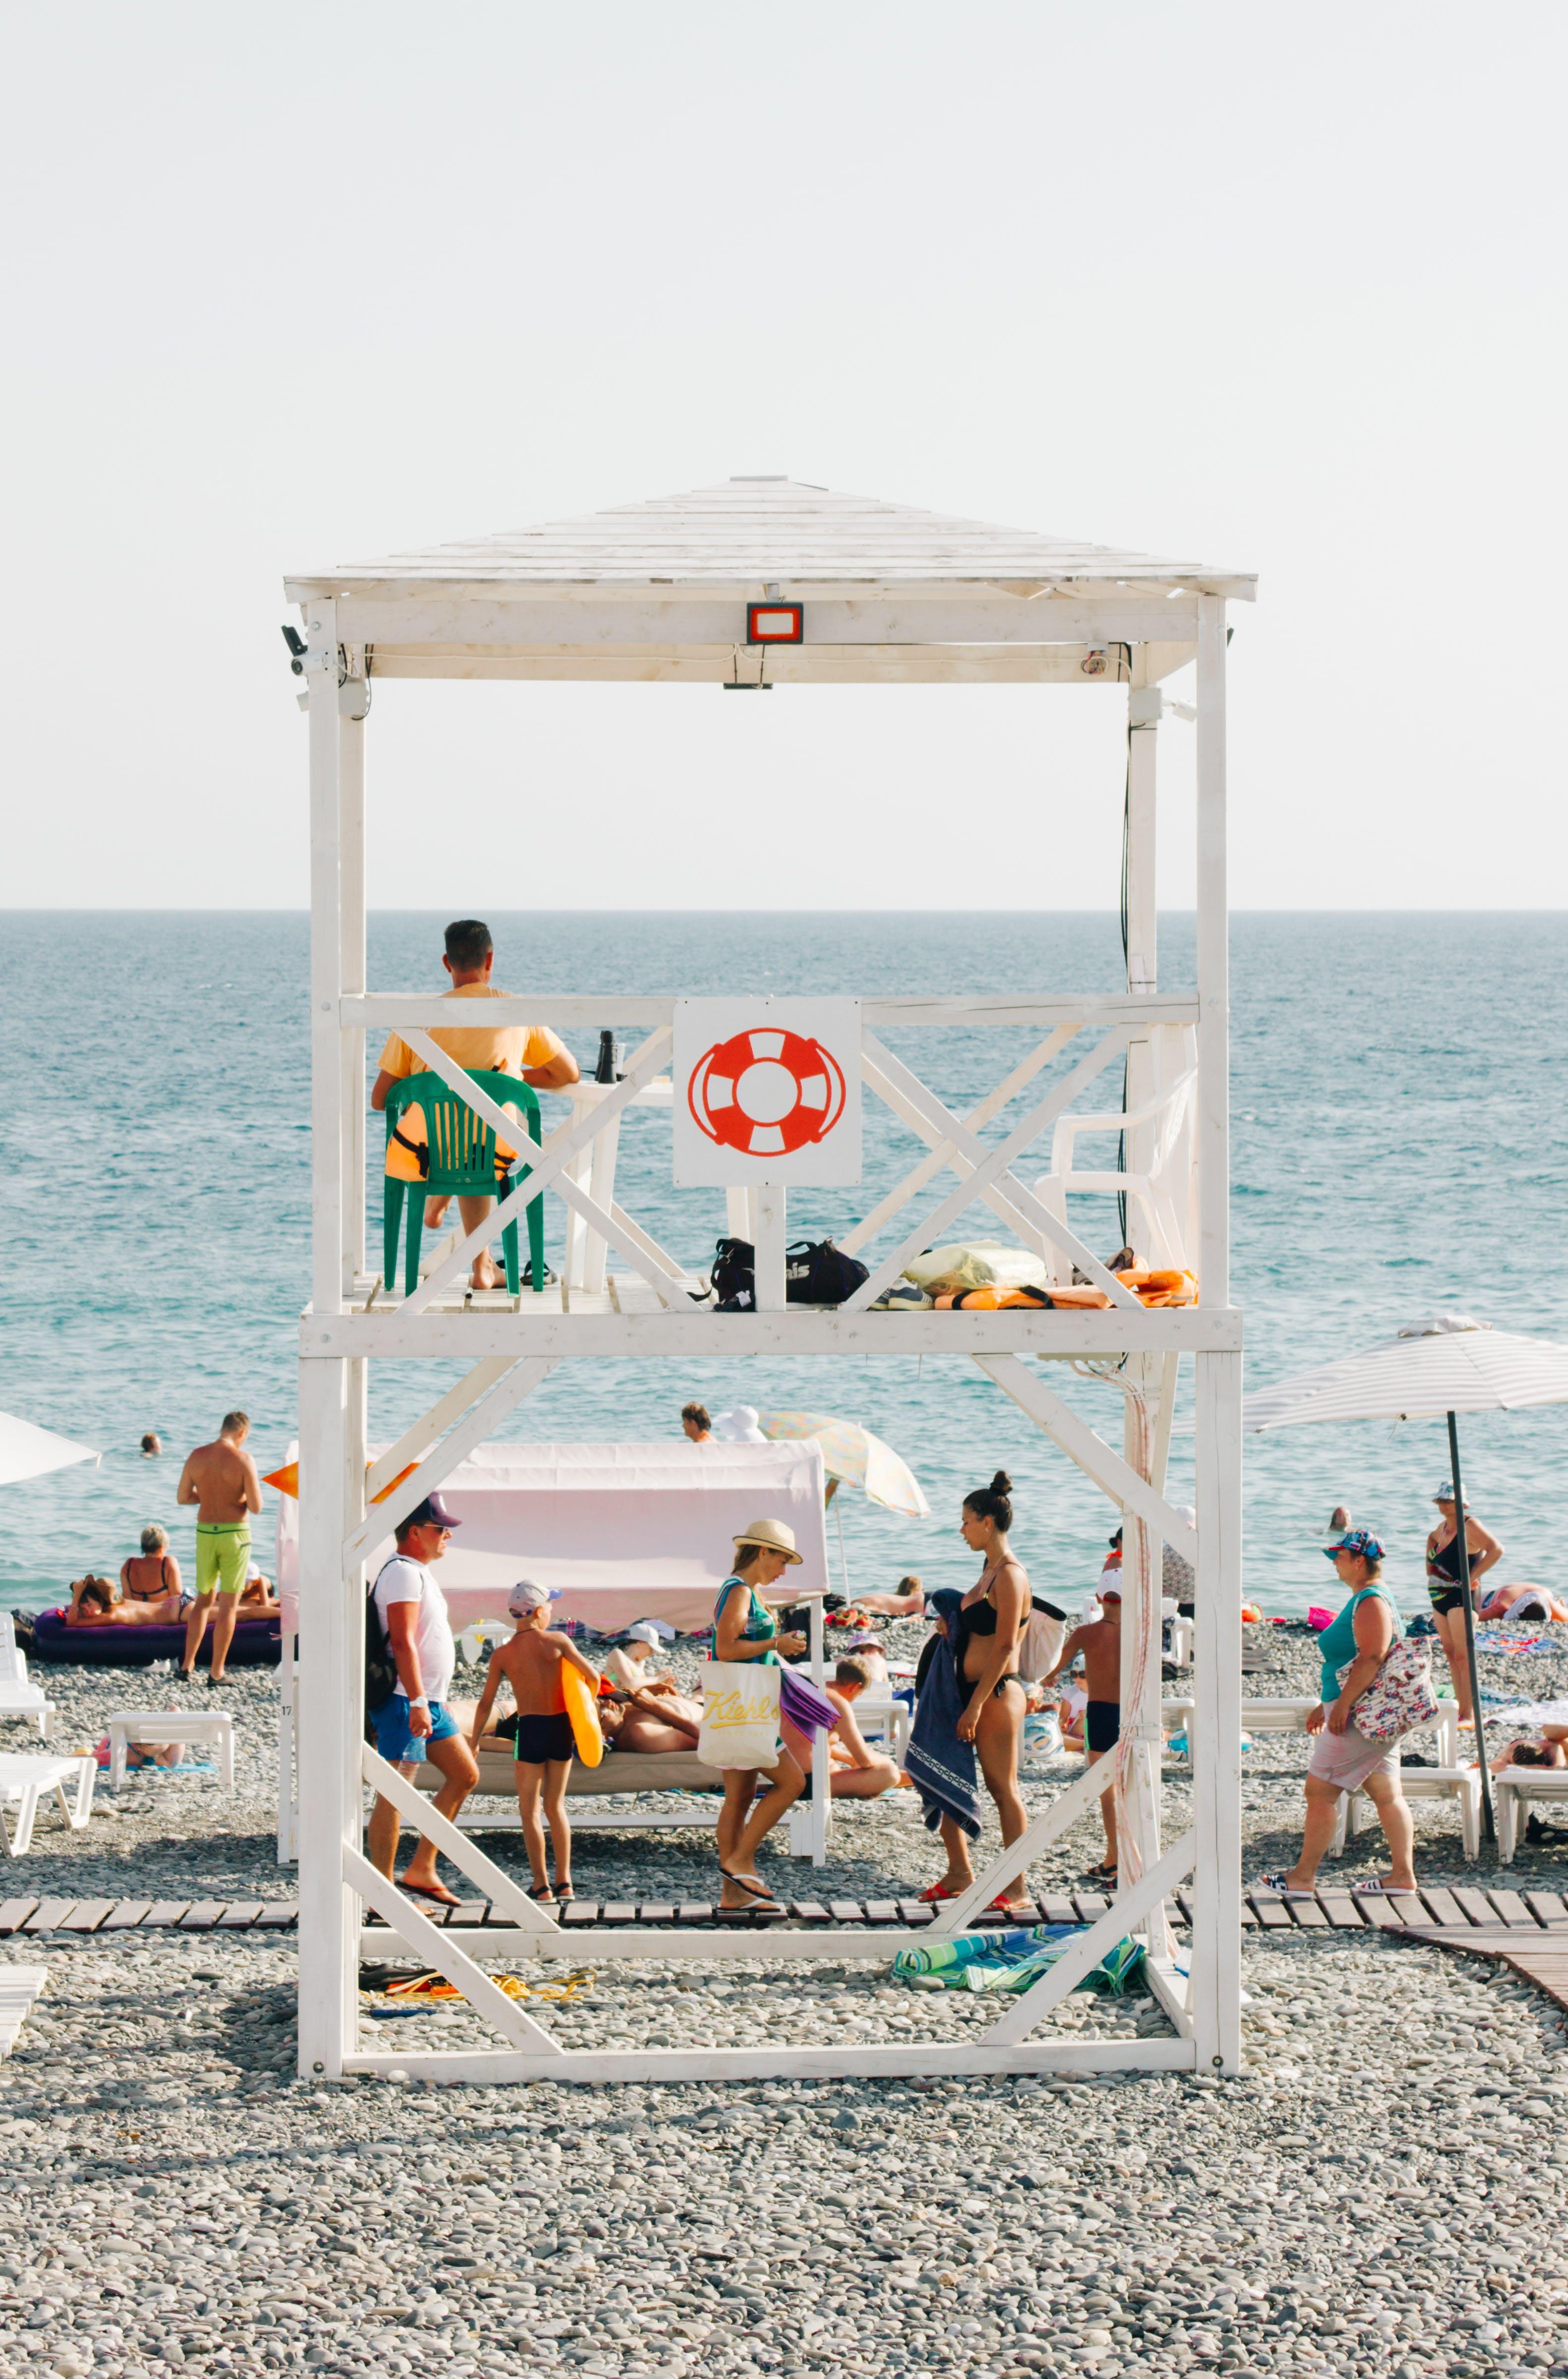 Darmowe zdjęcie z galerii z krzesła, kurort, ludzie, morze